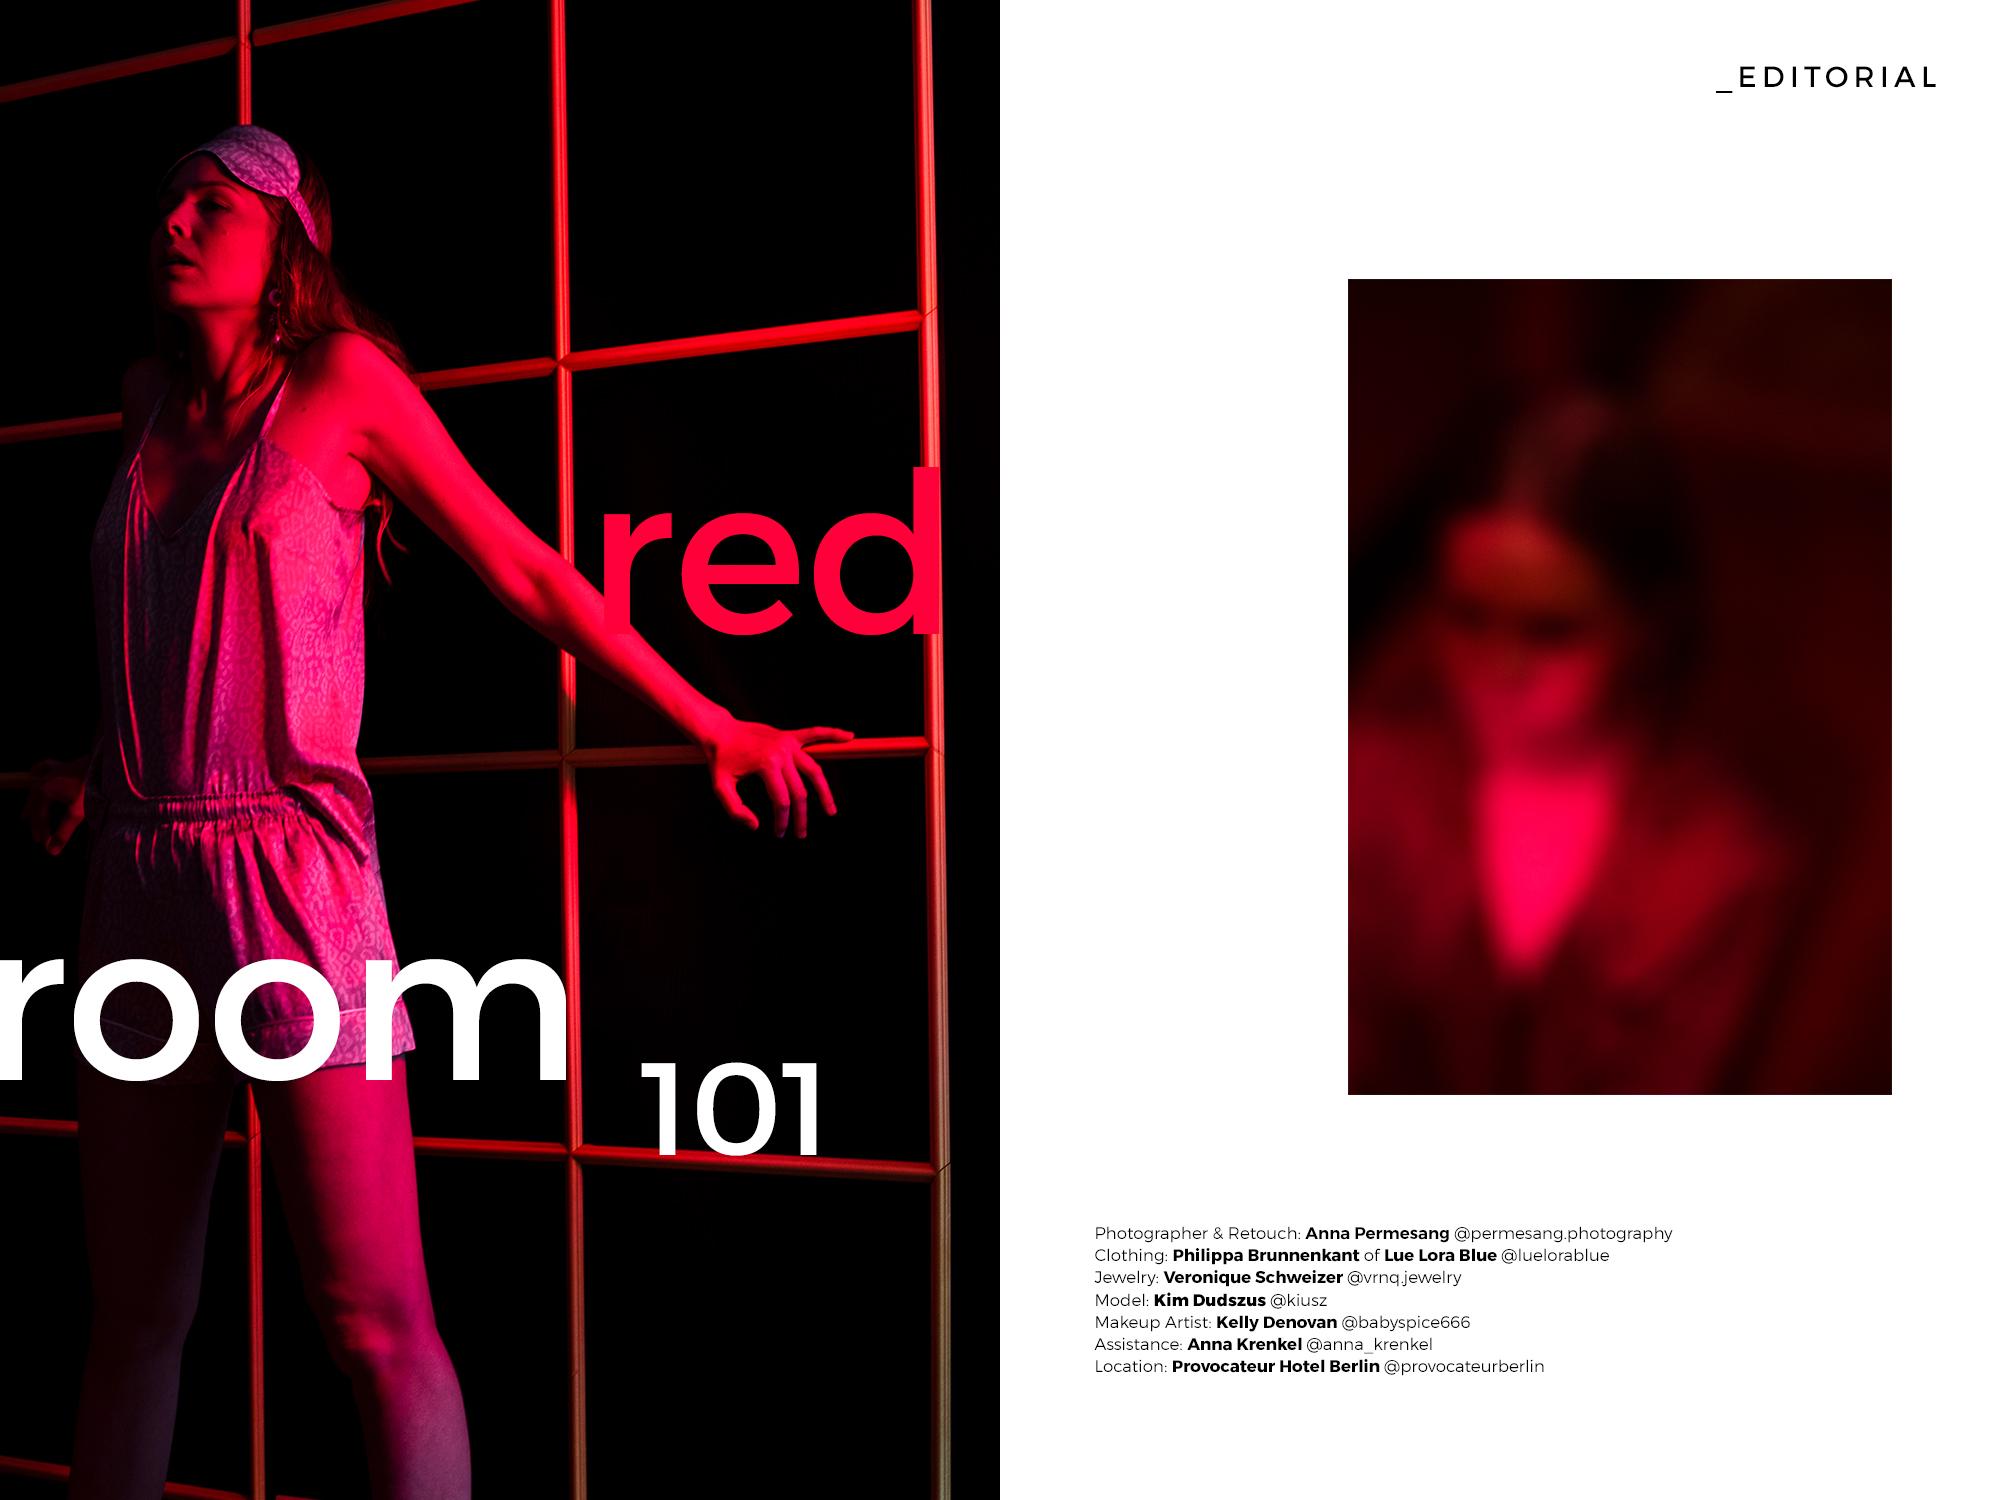 redroom101-title.jpg